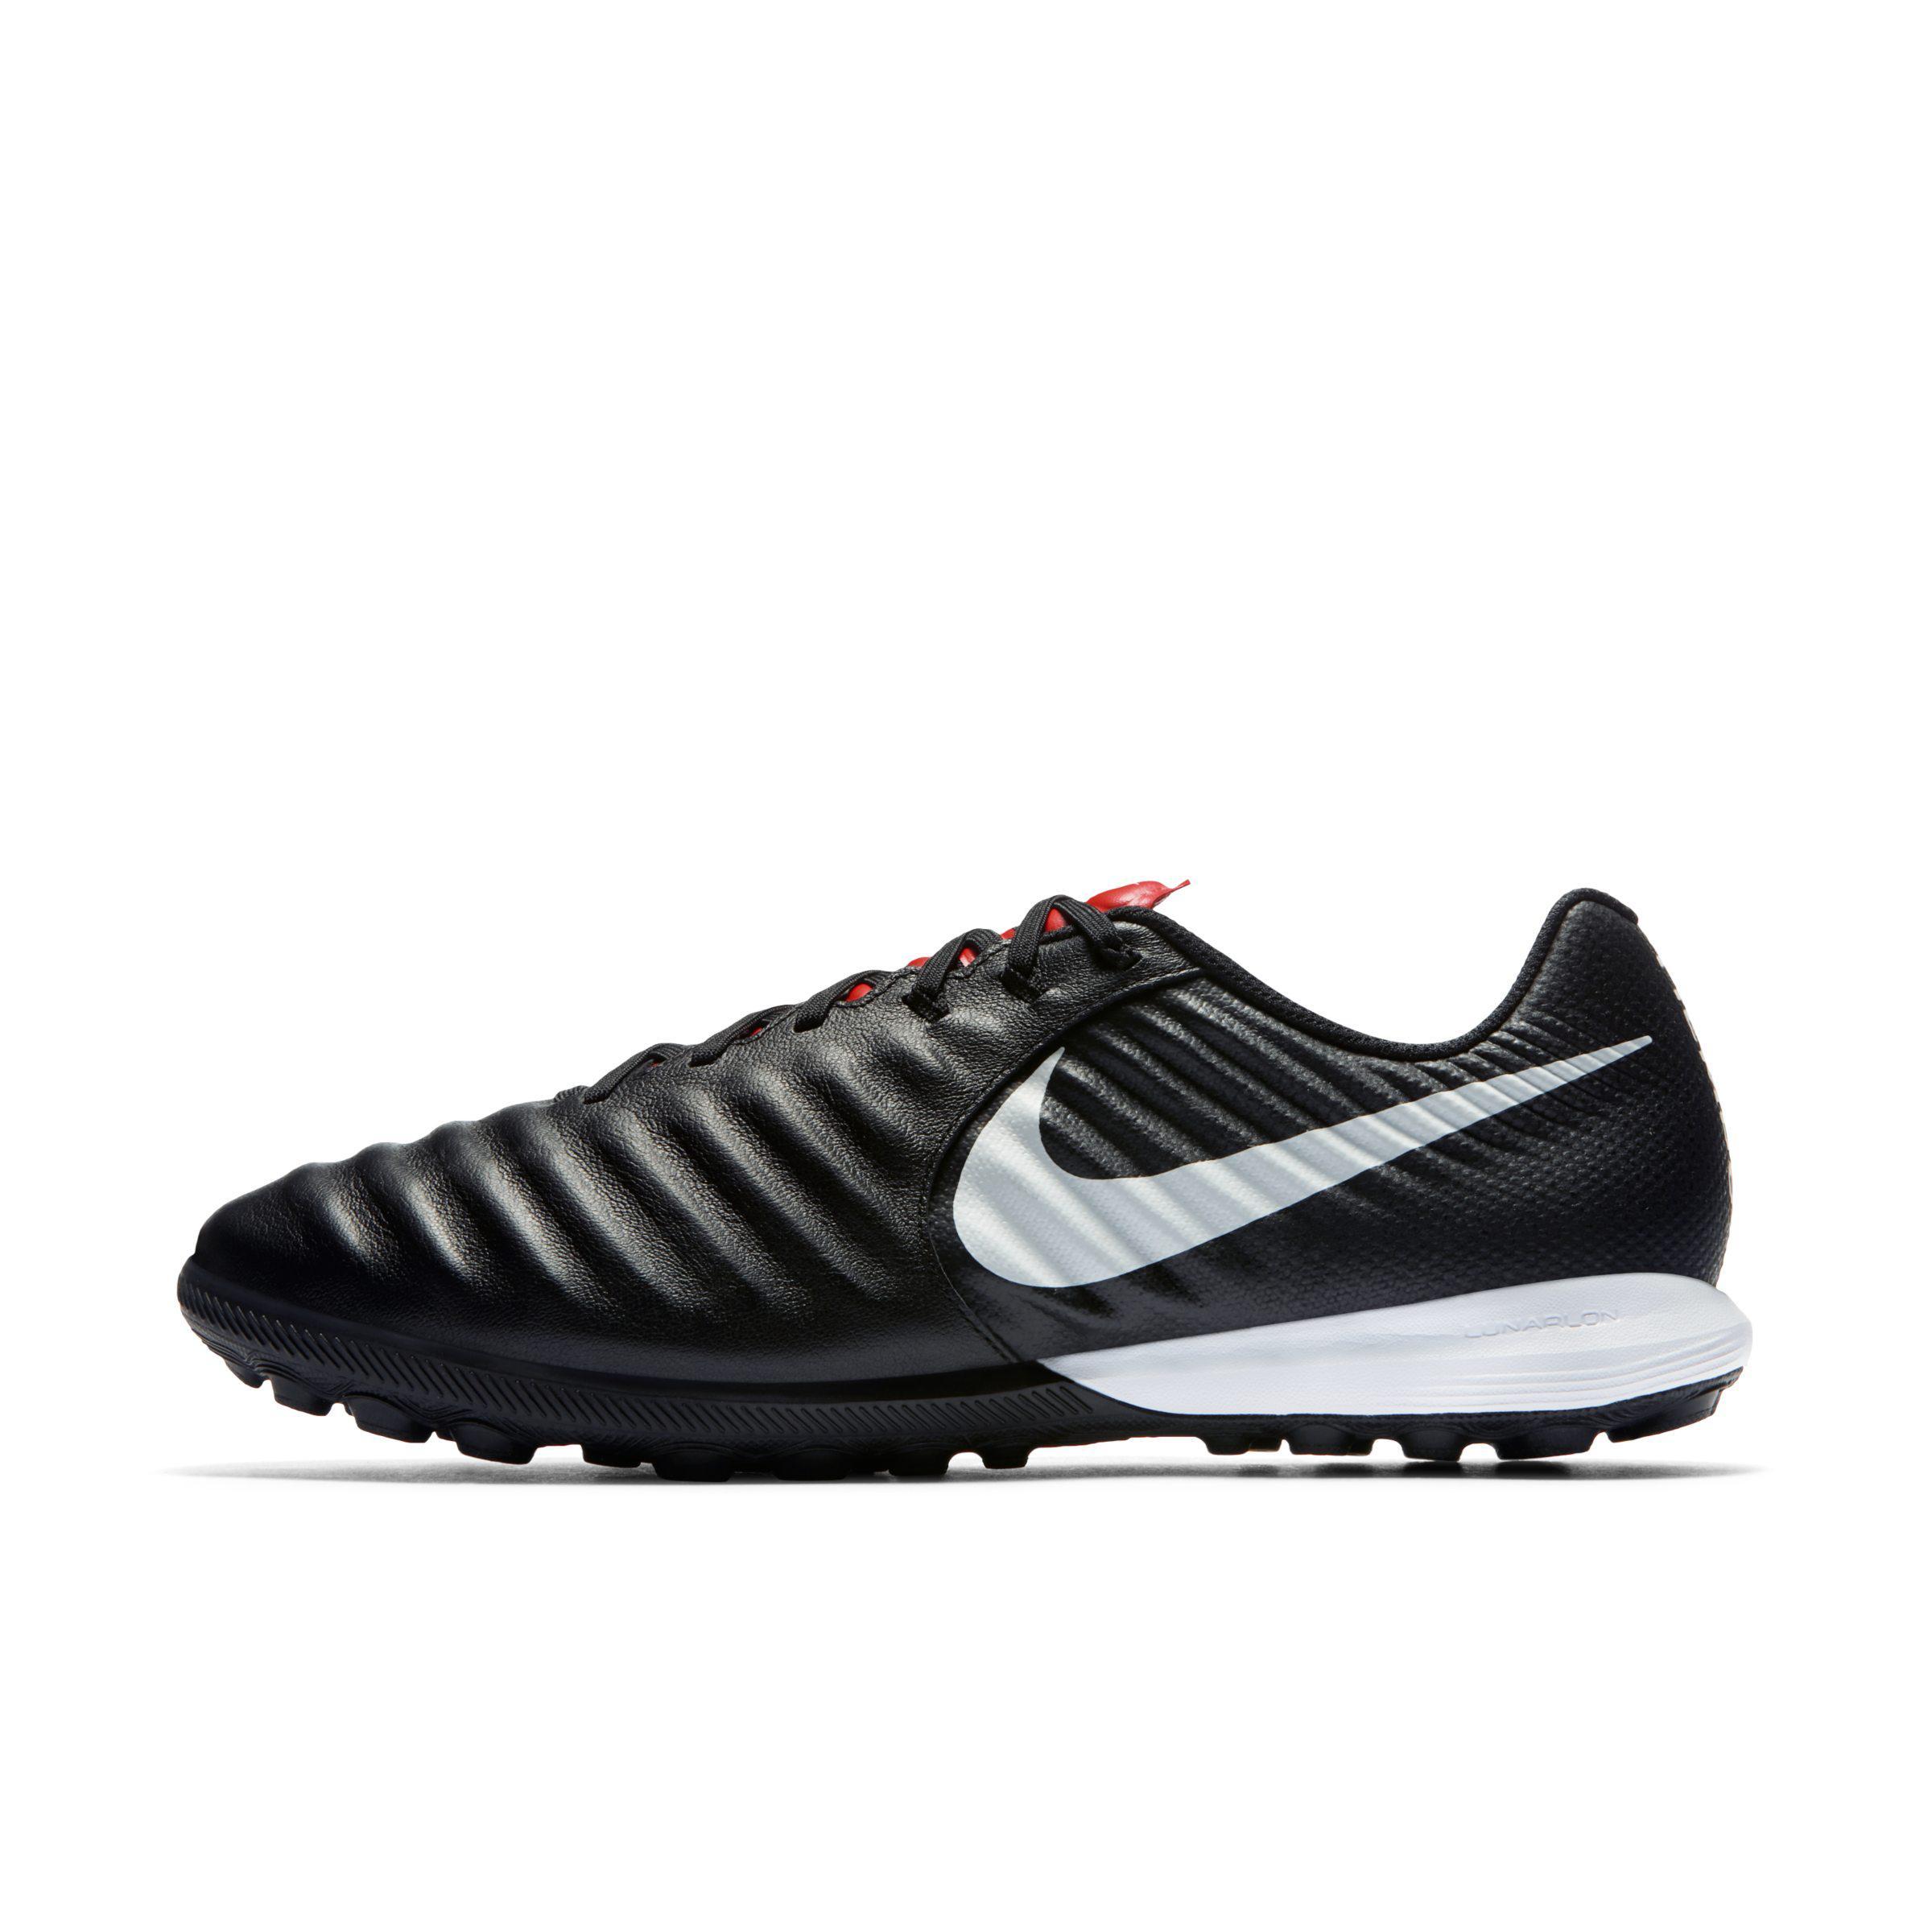 dcf77cb3be9f Nike Tiempox Lunar Legend Vii Pro Turf Football Boot in Black - Lyst